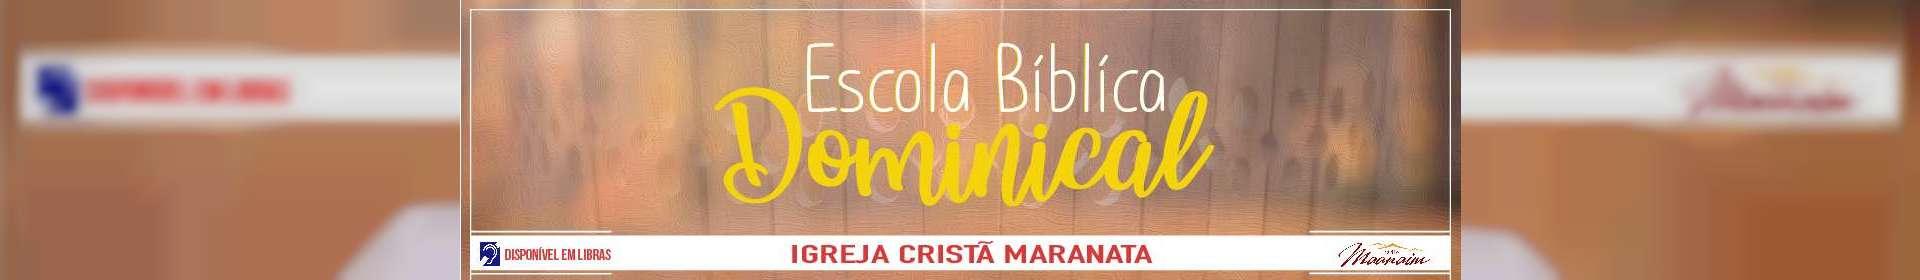 Escola Bíblica Dominical - 14/07/2019